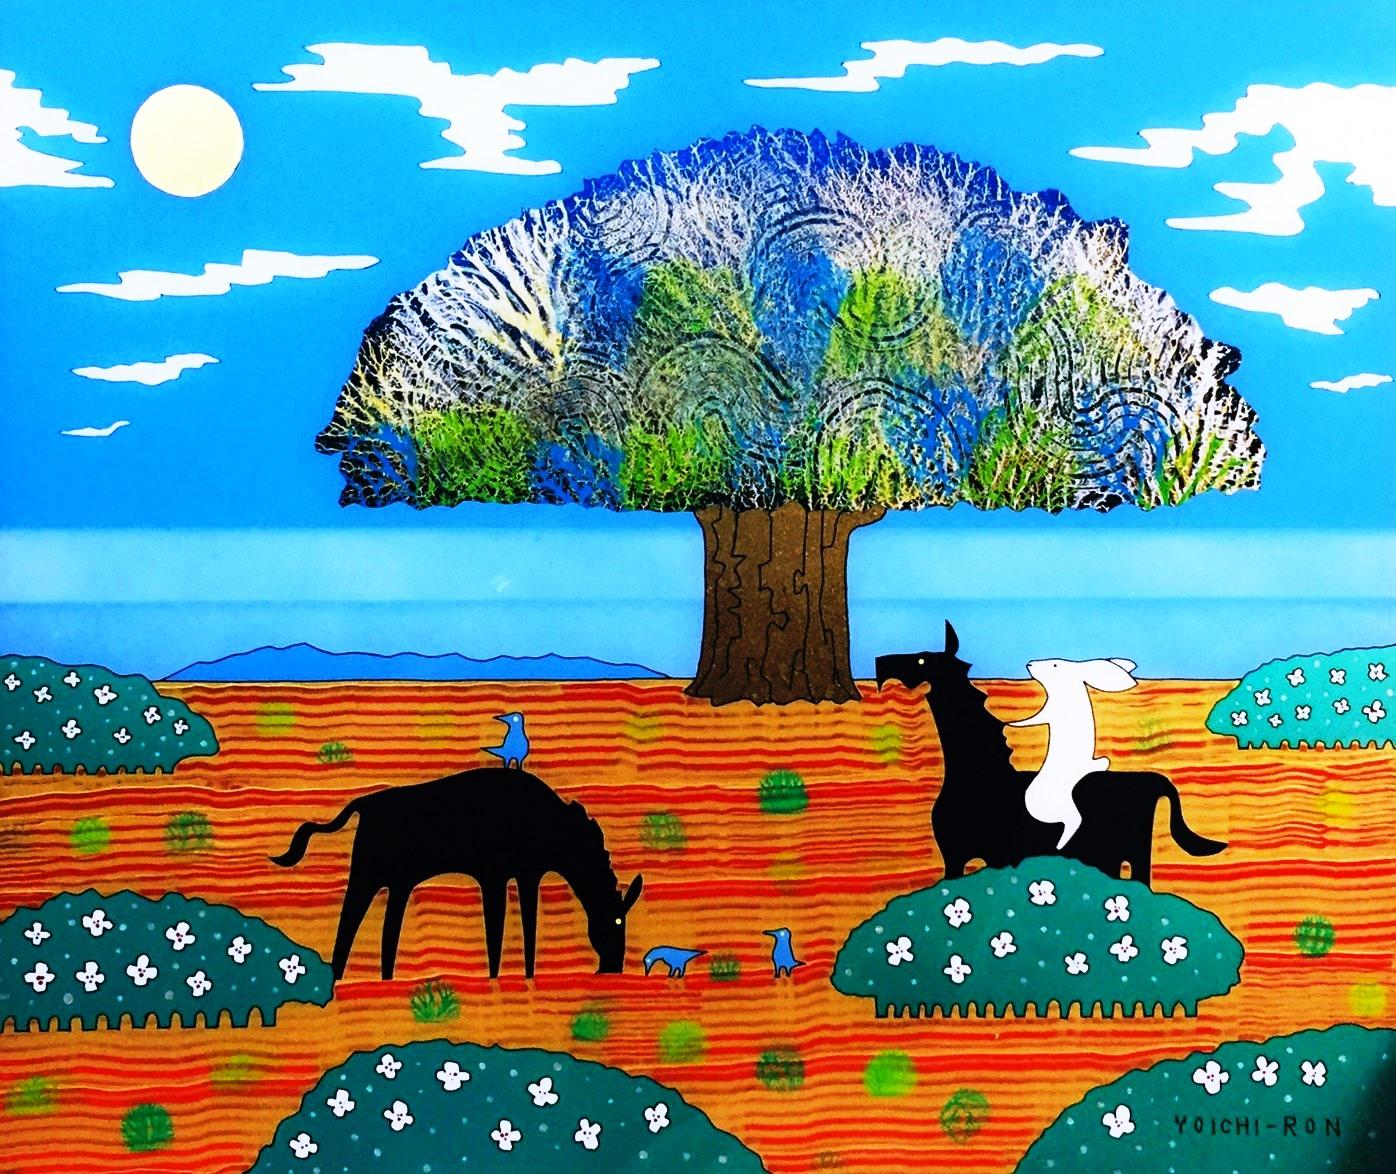 Tree birds of a mirror Tree